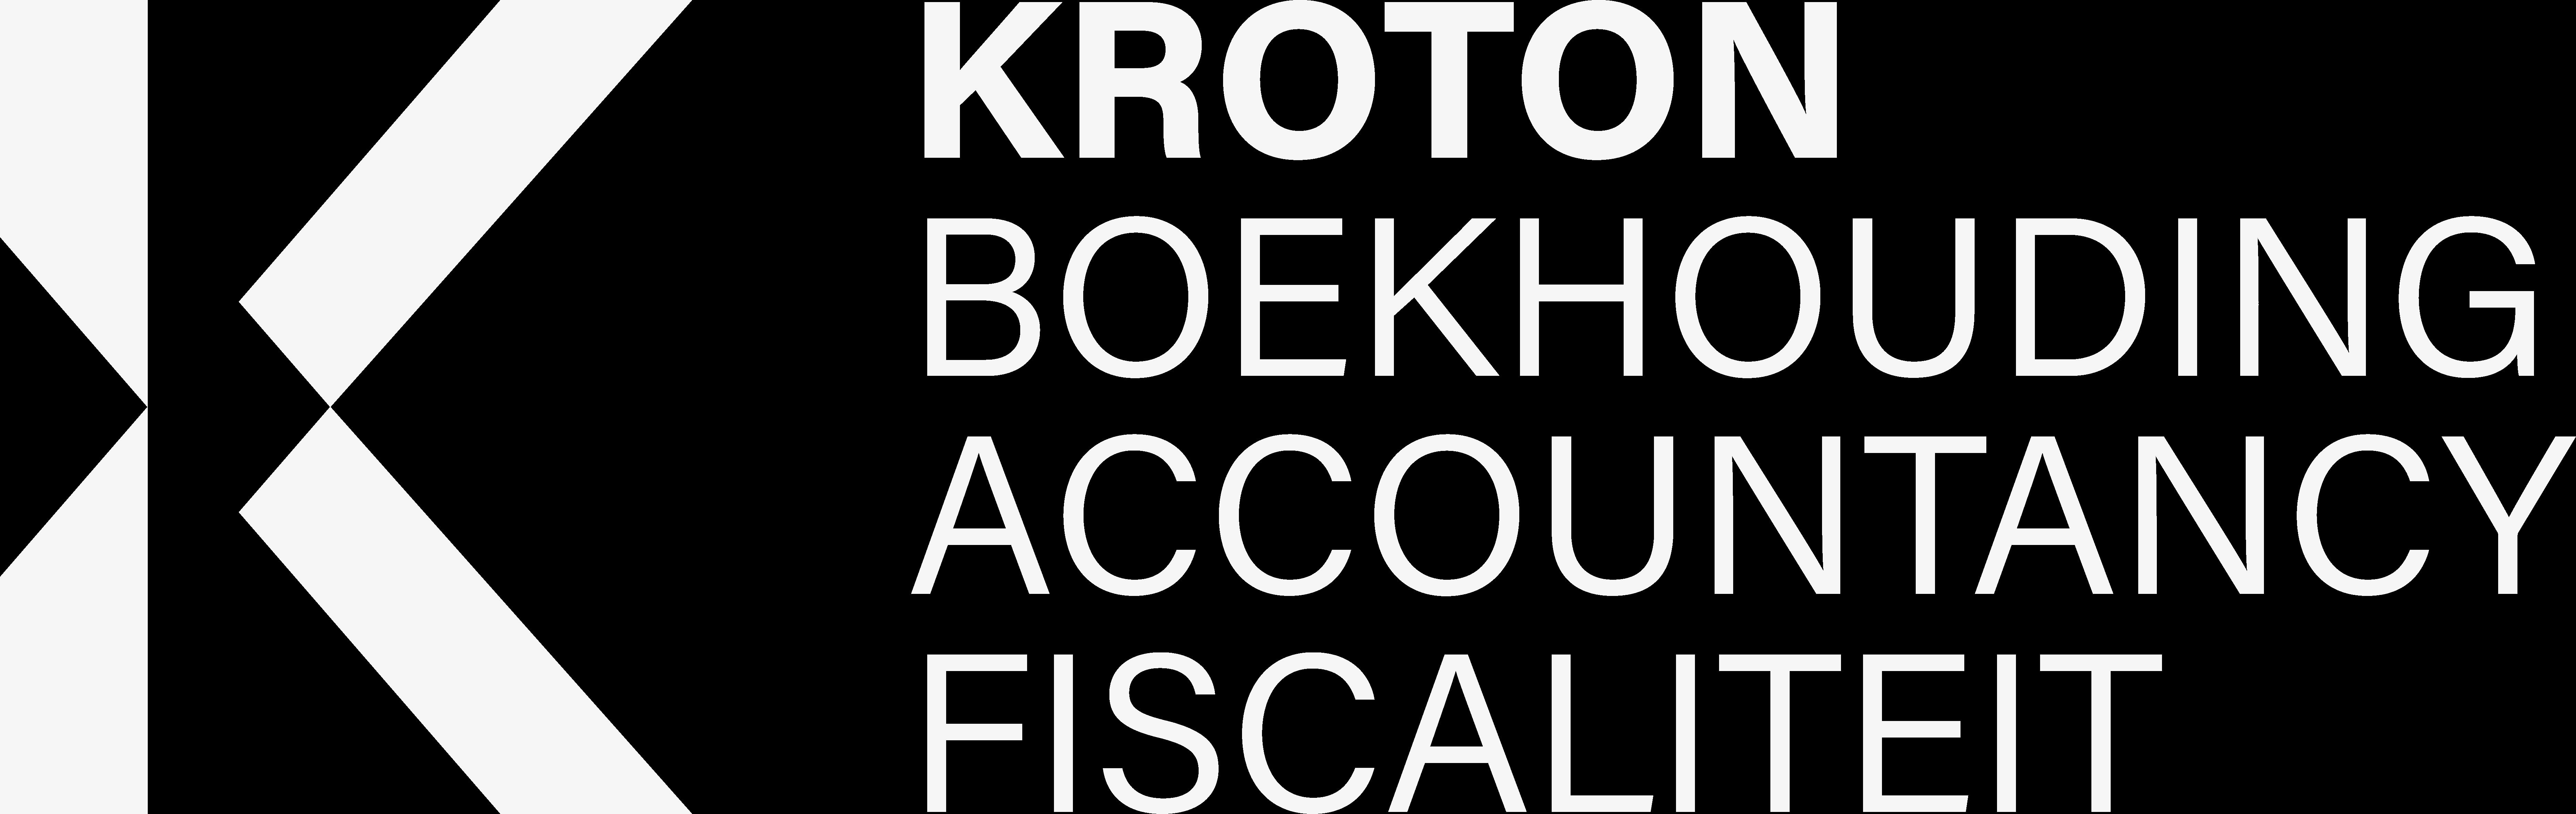 kroton boekhouding accountancy fiscaliteit